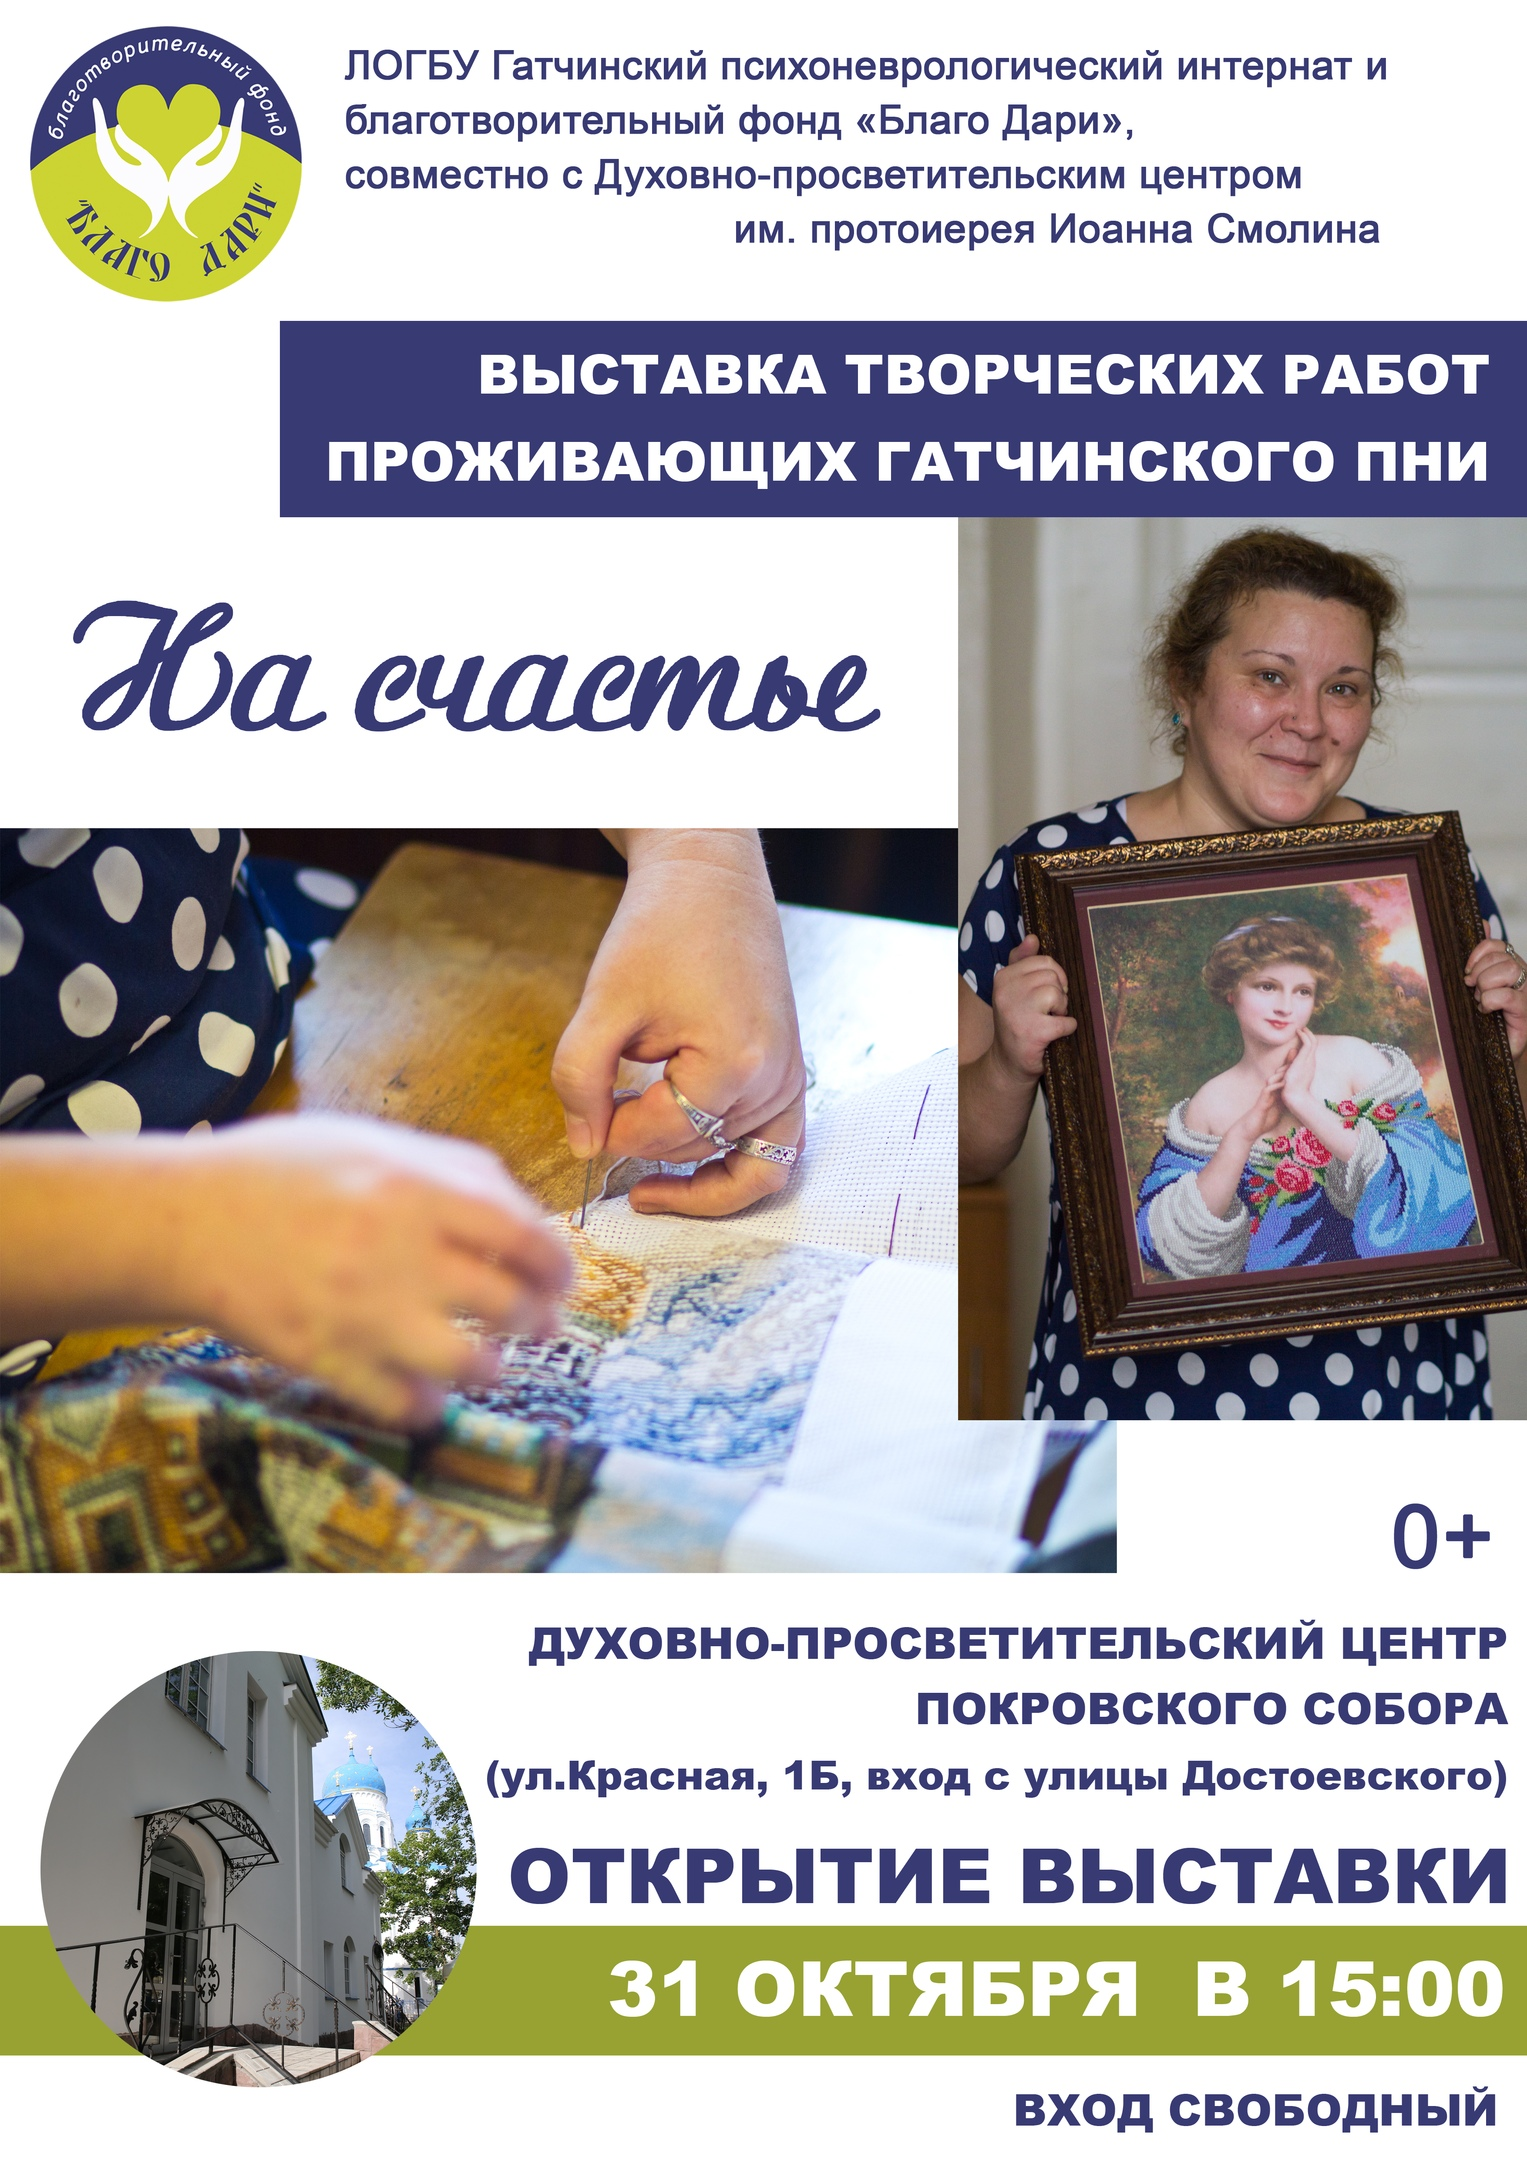 31 октября 2019 г. благотворительный фонд «Благо Дари» открывает уникальную выставку творческих работ жителей Гатчинского психоневрологического интерната (ПНИ) «На счастье»